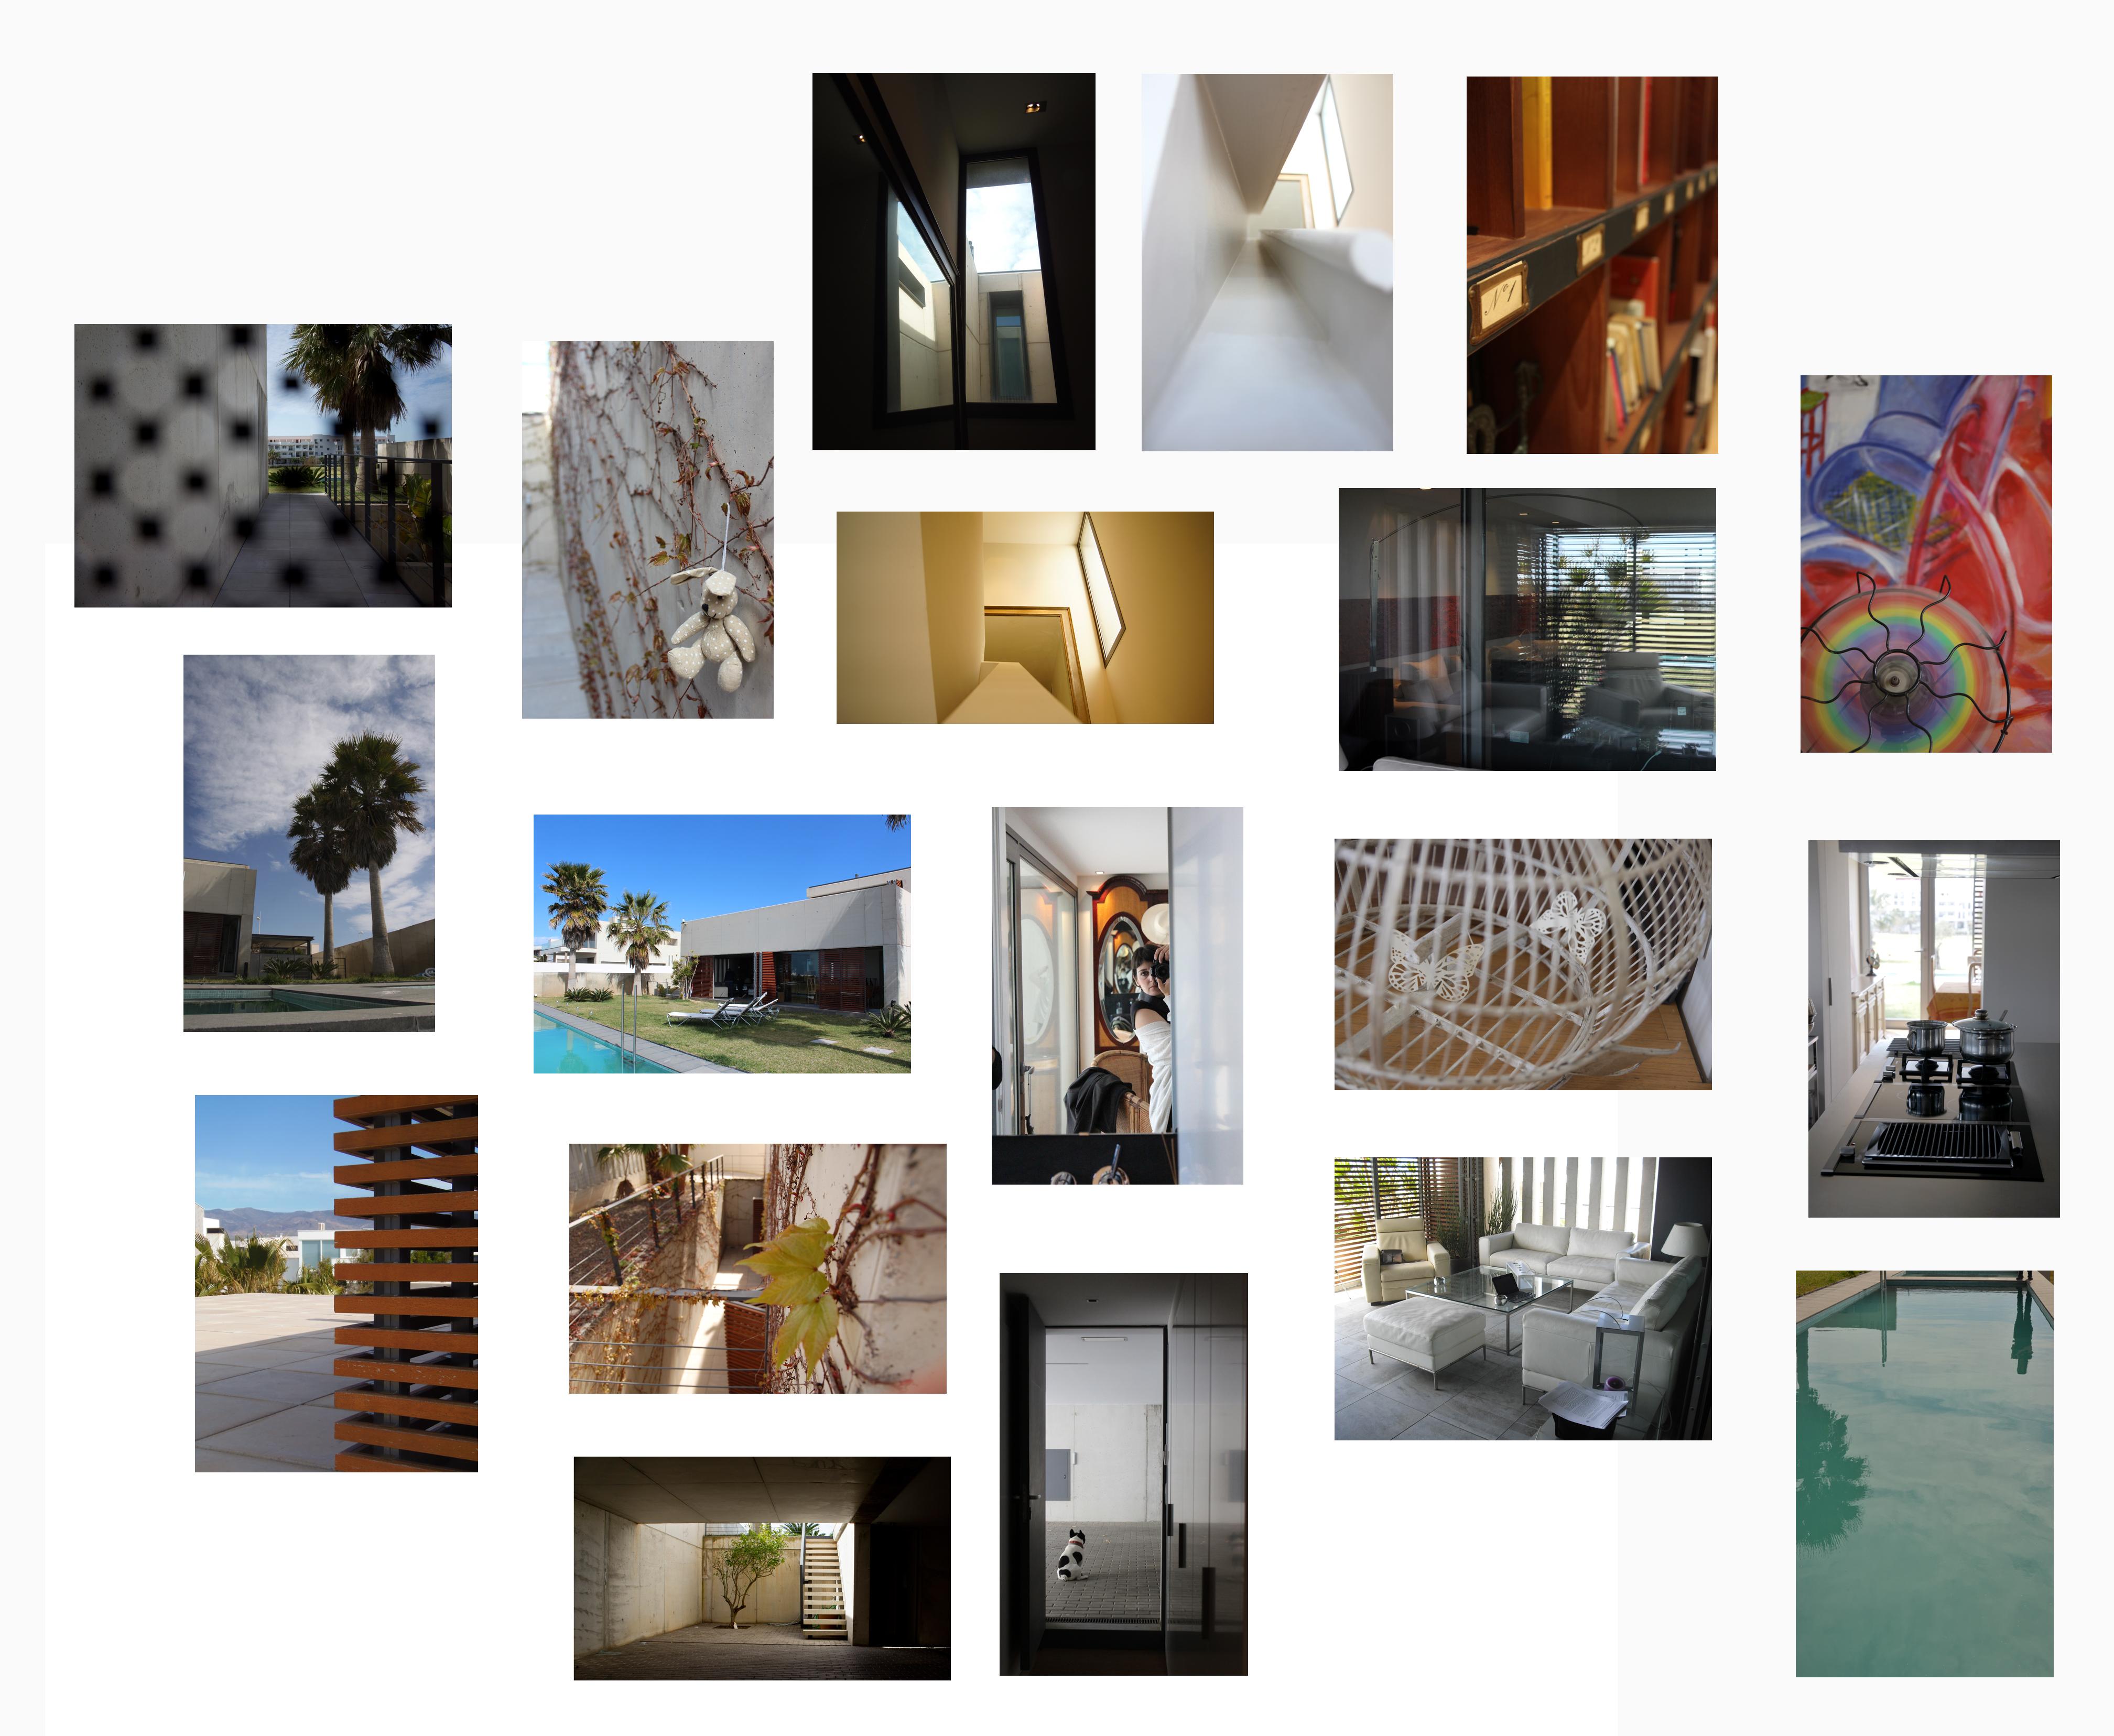 Estudios superiores de dise o fotograf a y medios for Estudios superiores de diseno de interiores